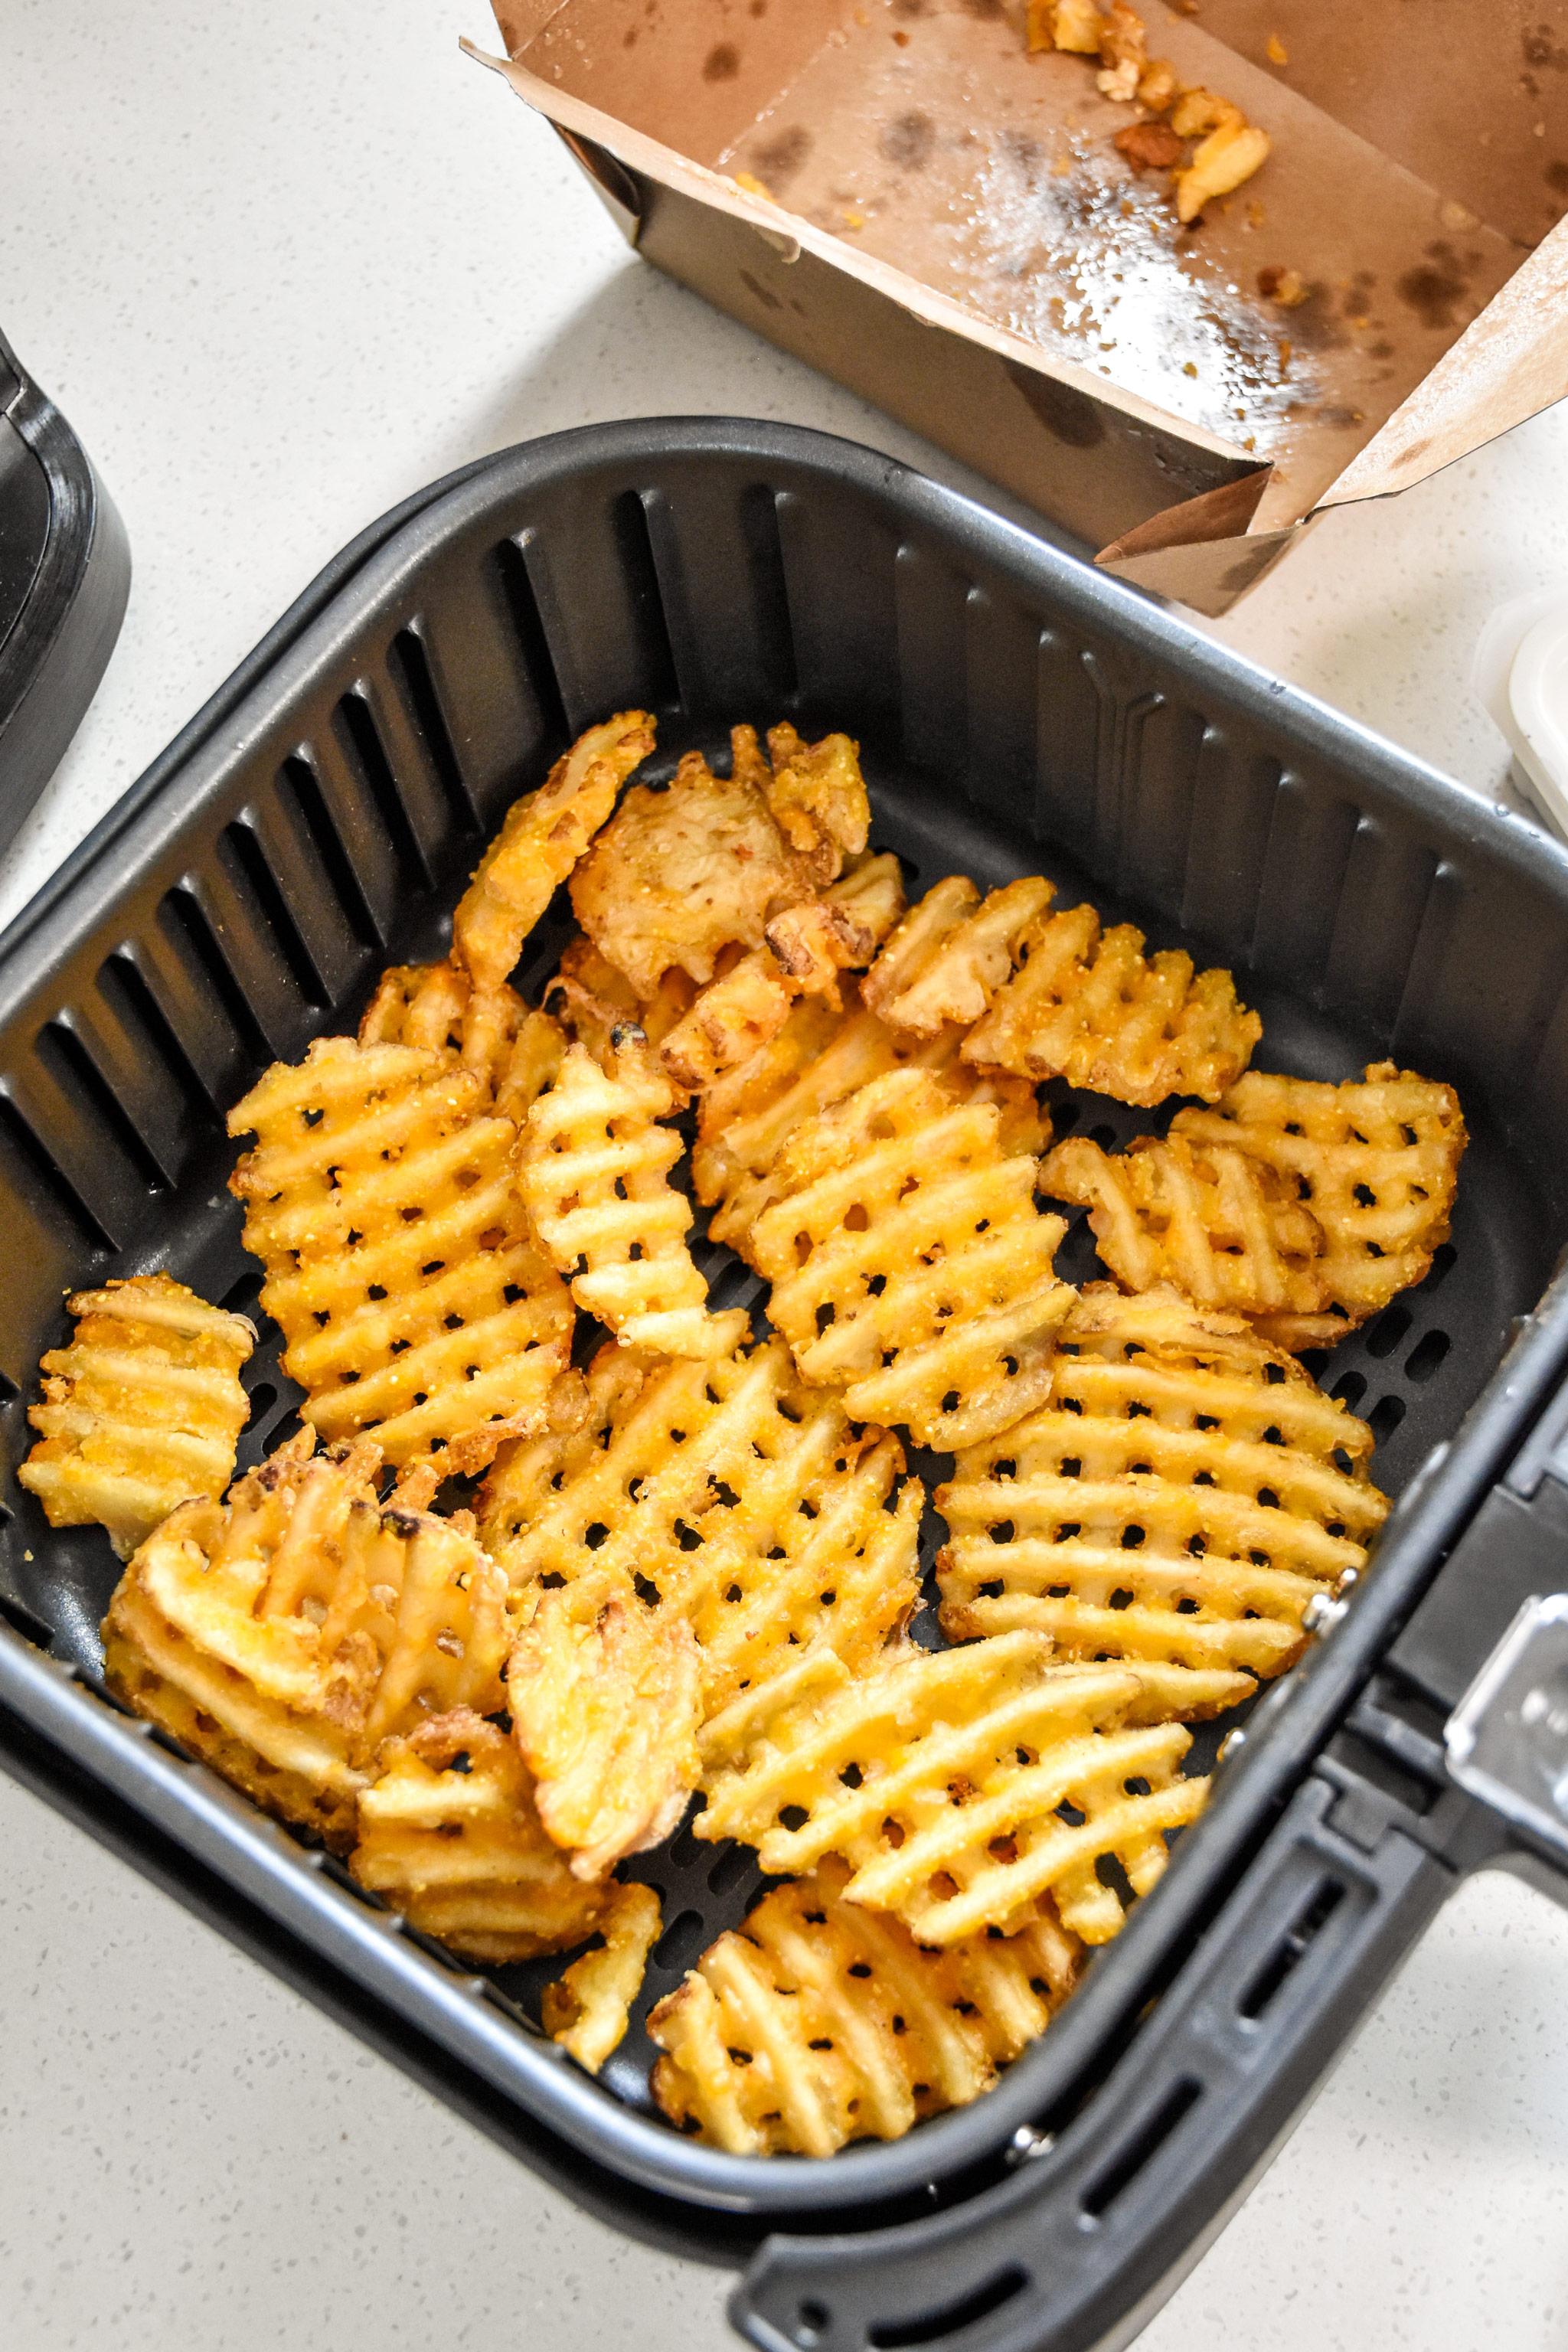 reheat fries in an air fryer